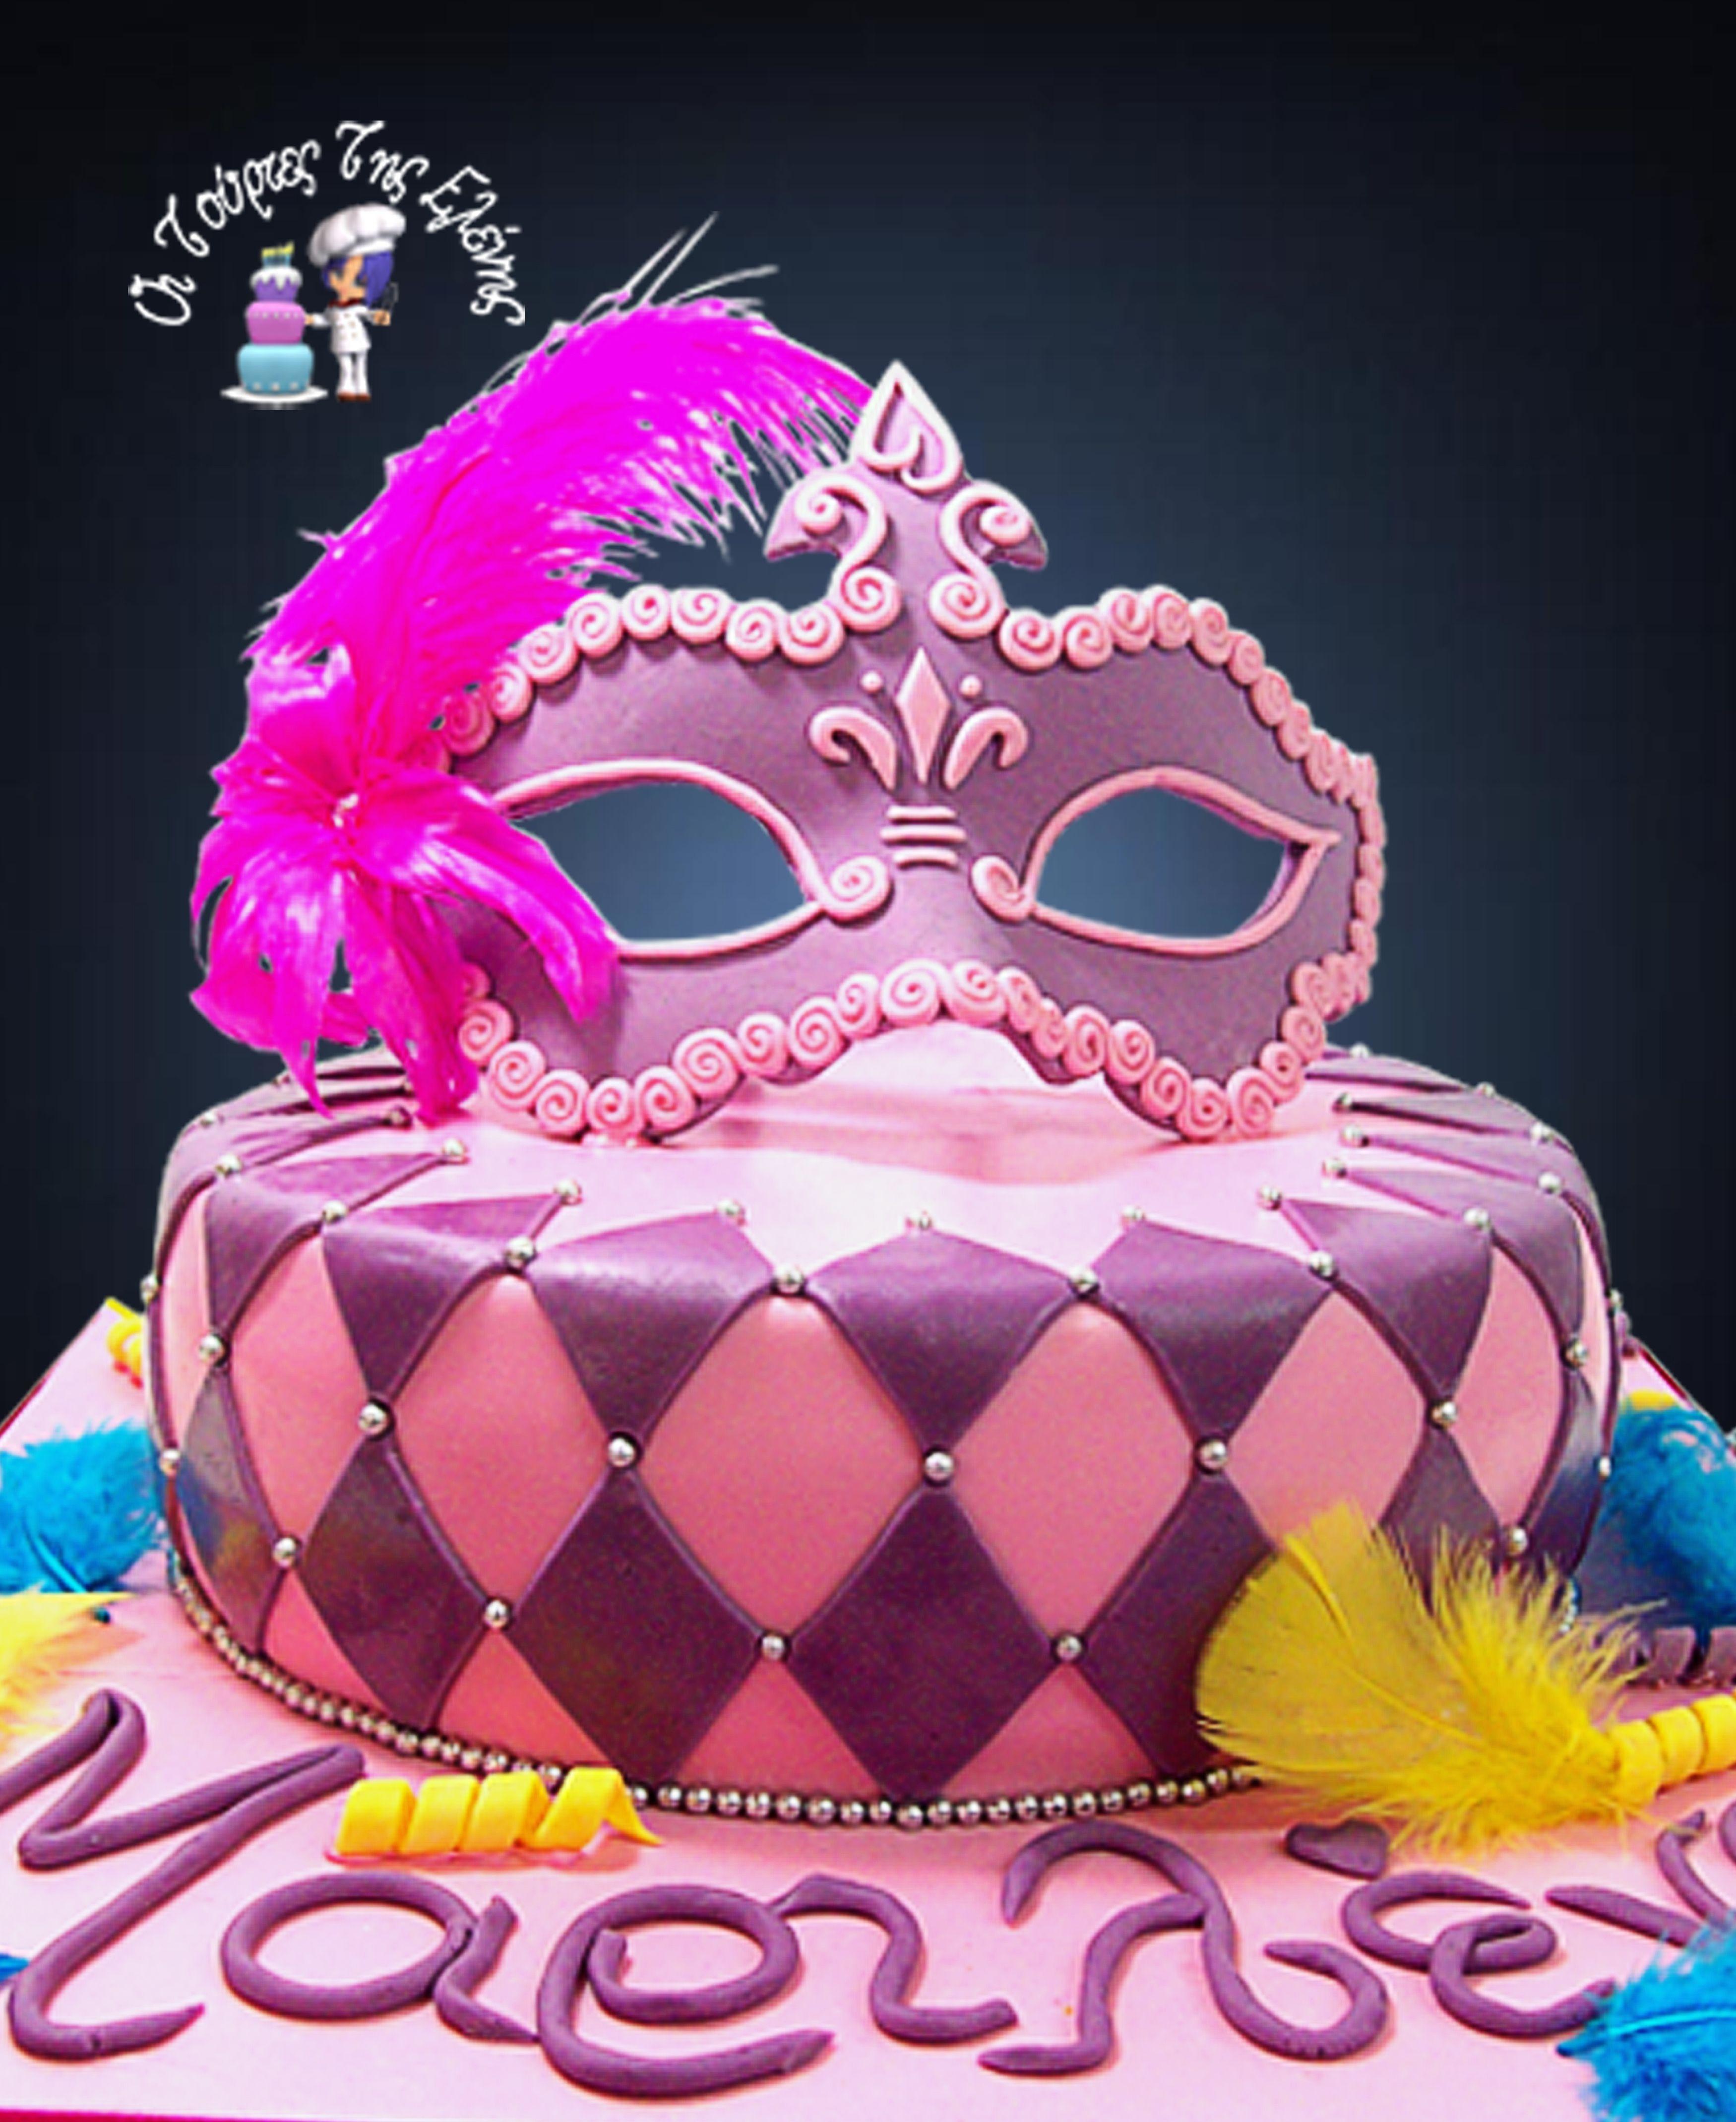 Μask cake. My cakes are chocolate sponge cake then drizzled with ...